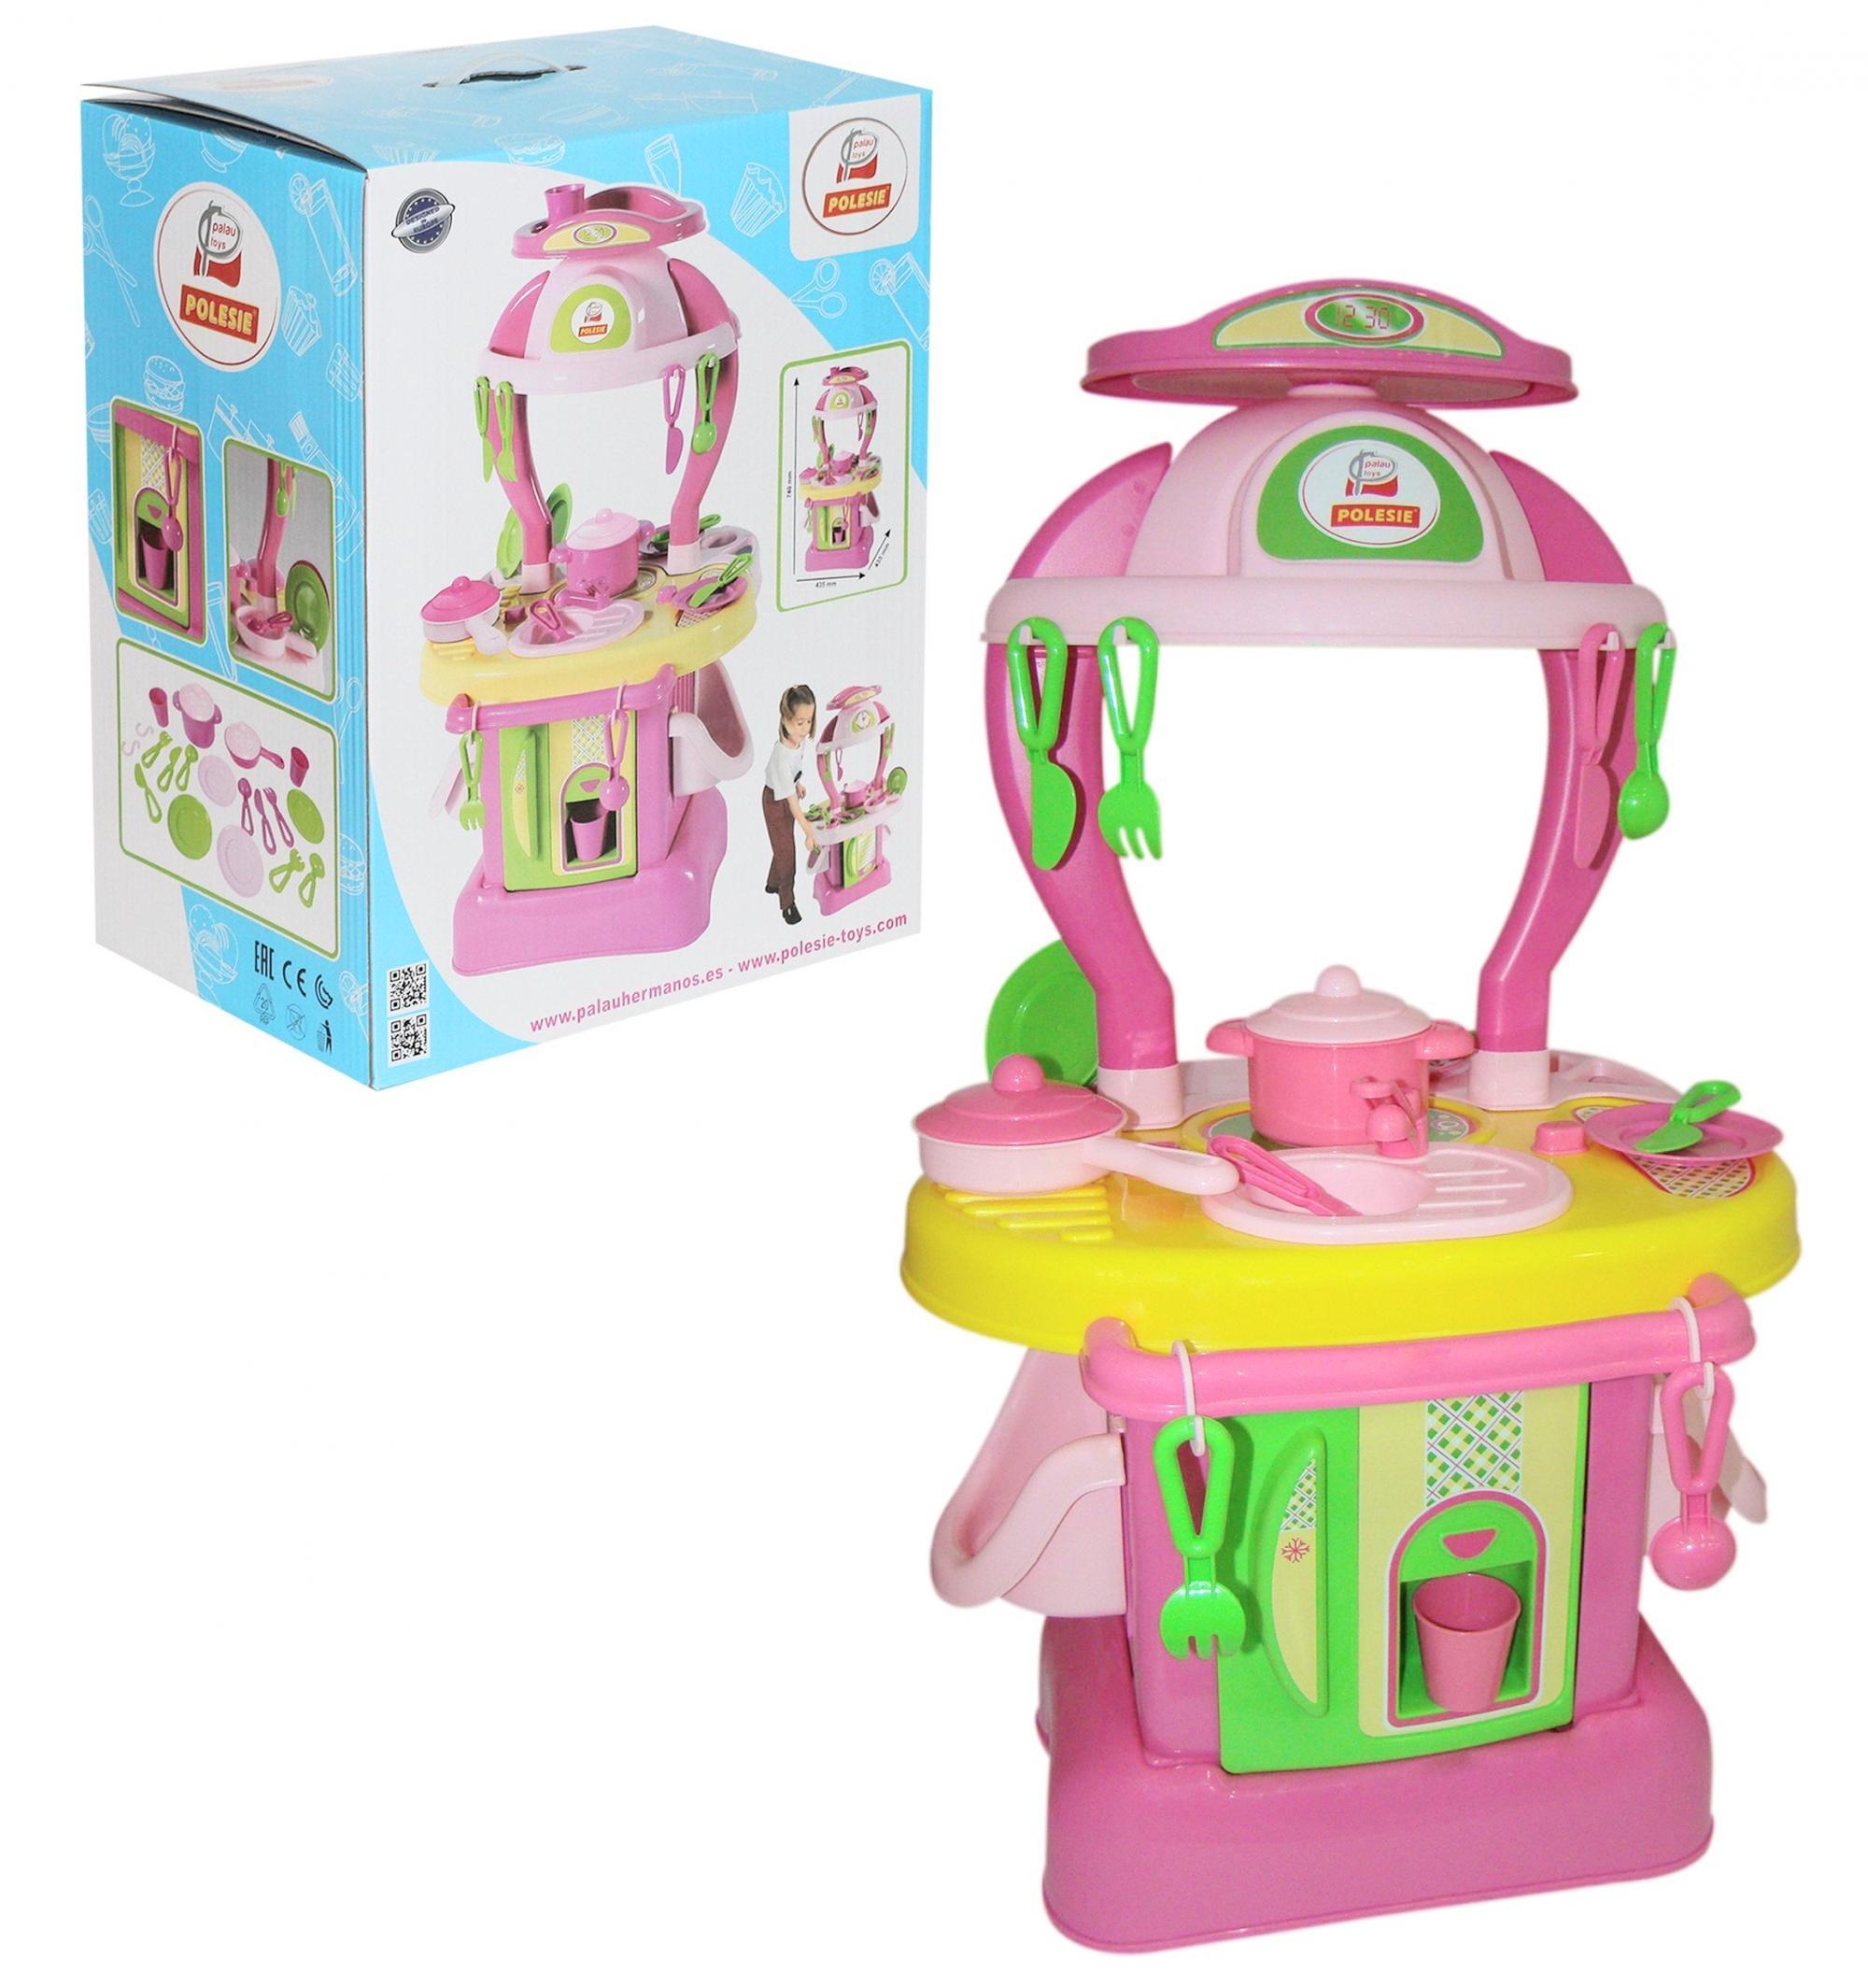 04bdf7e6c82c51 POLESIE ZESTAW KUCHNIA +akcesoria dla dzieci 42583 - 7072540823 ...